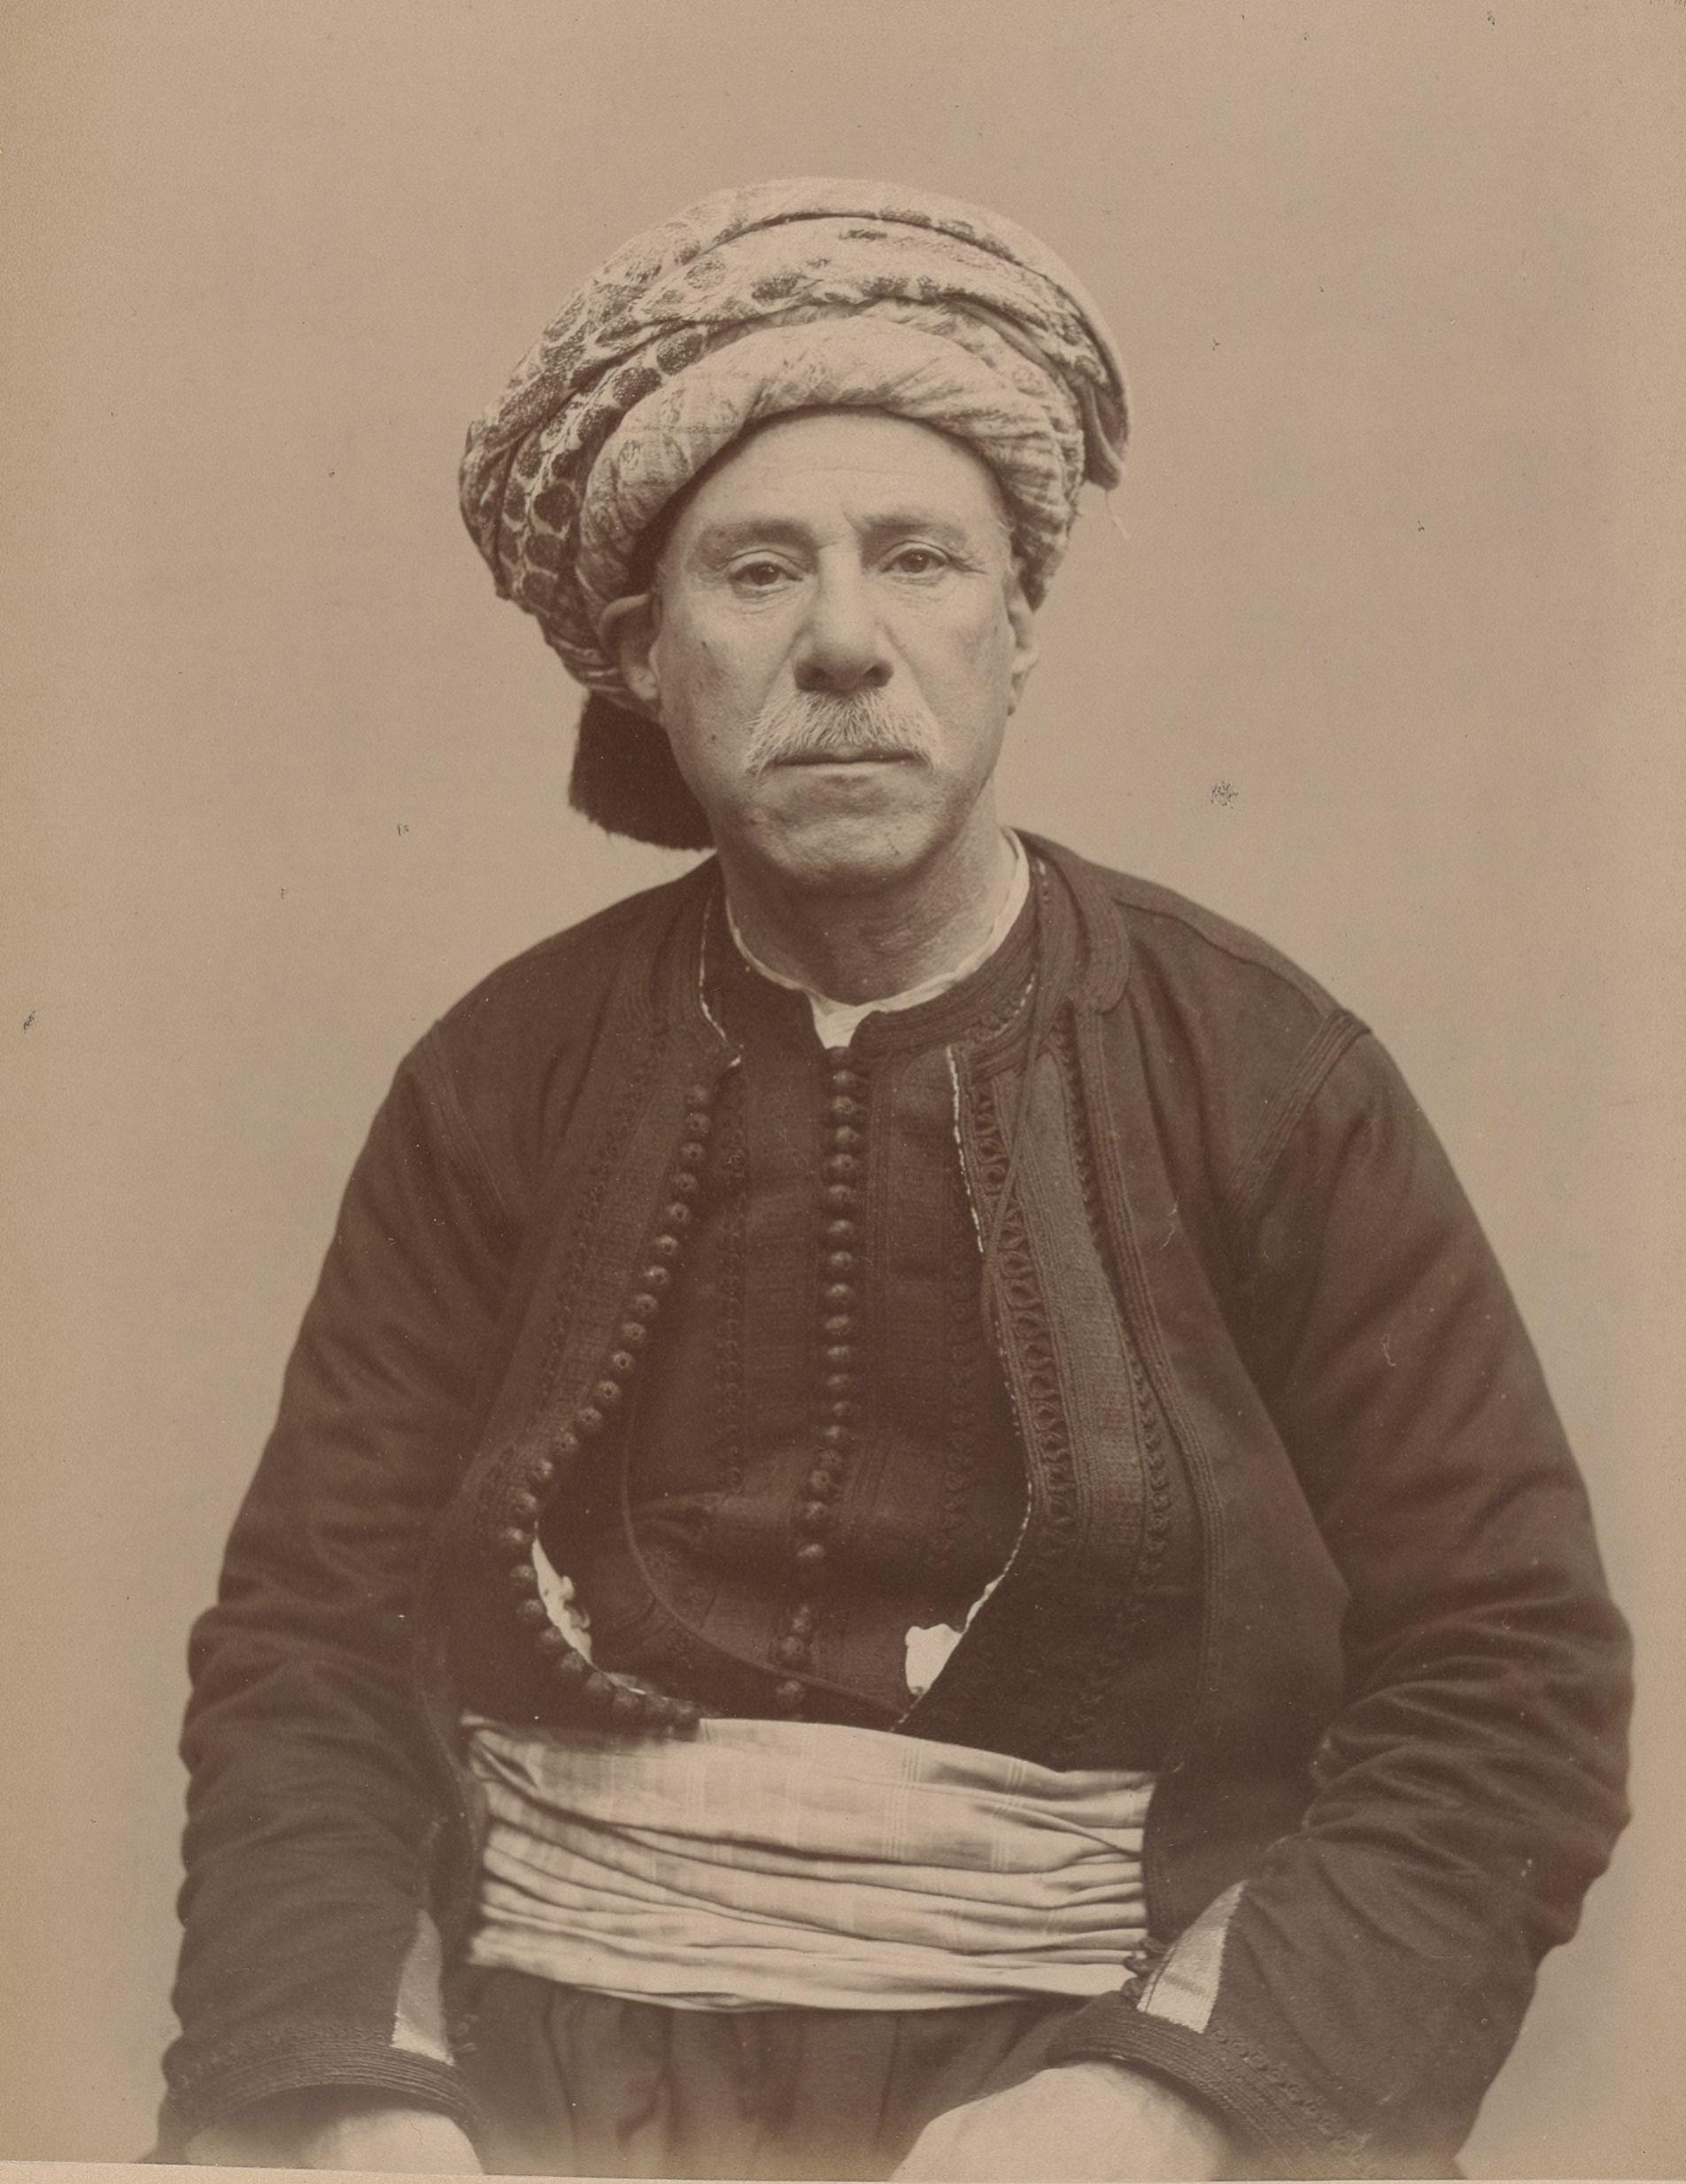 Натан 58, Алжир, служащий (вид спереди)